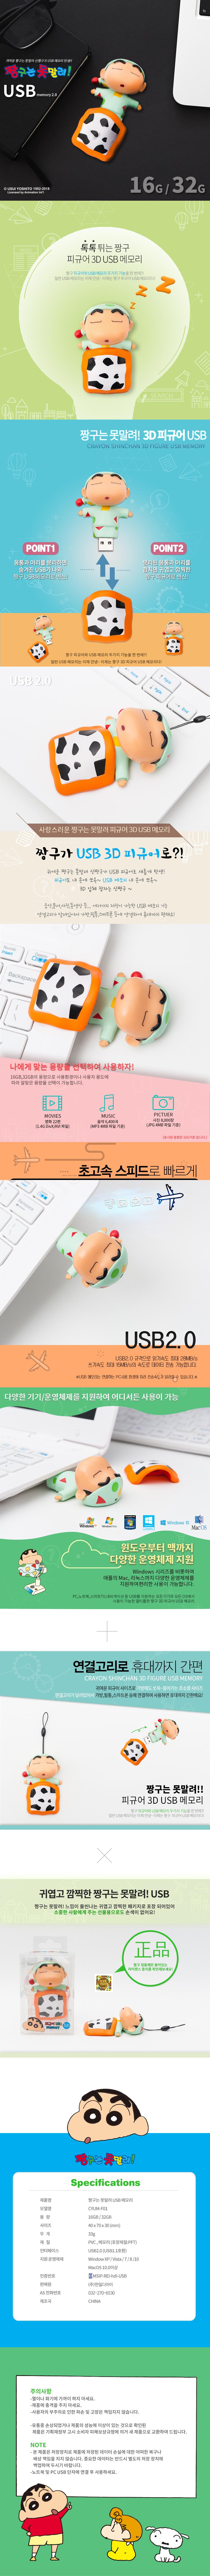 짱구는 못말려 피규어 USB 32GB25,500원-한일디아이디지털, USB/저장장치, 캐릭터형 USB 메모리, USB 32G바보사랑짱구는 못말려 피규어 USB 32GB25,500원-한일디아이디지털, USB/저장장치, 캐릭터형 USB 메모리, USB 32G바보사랑